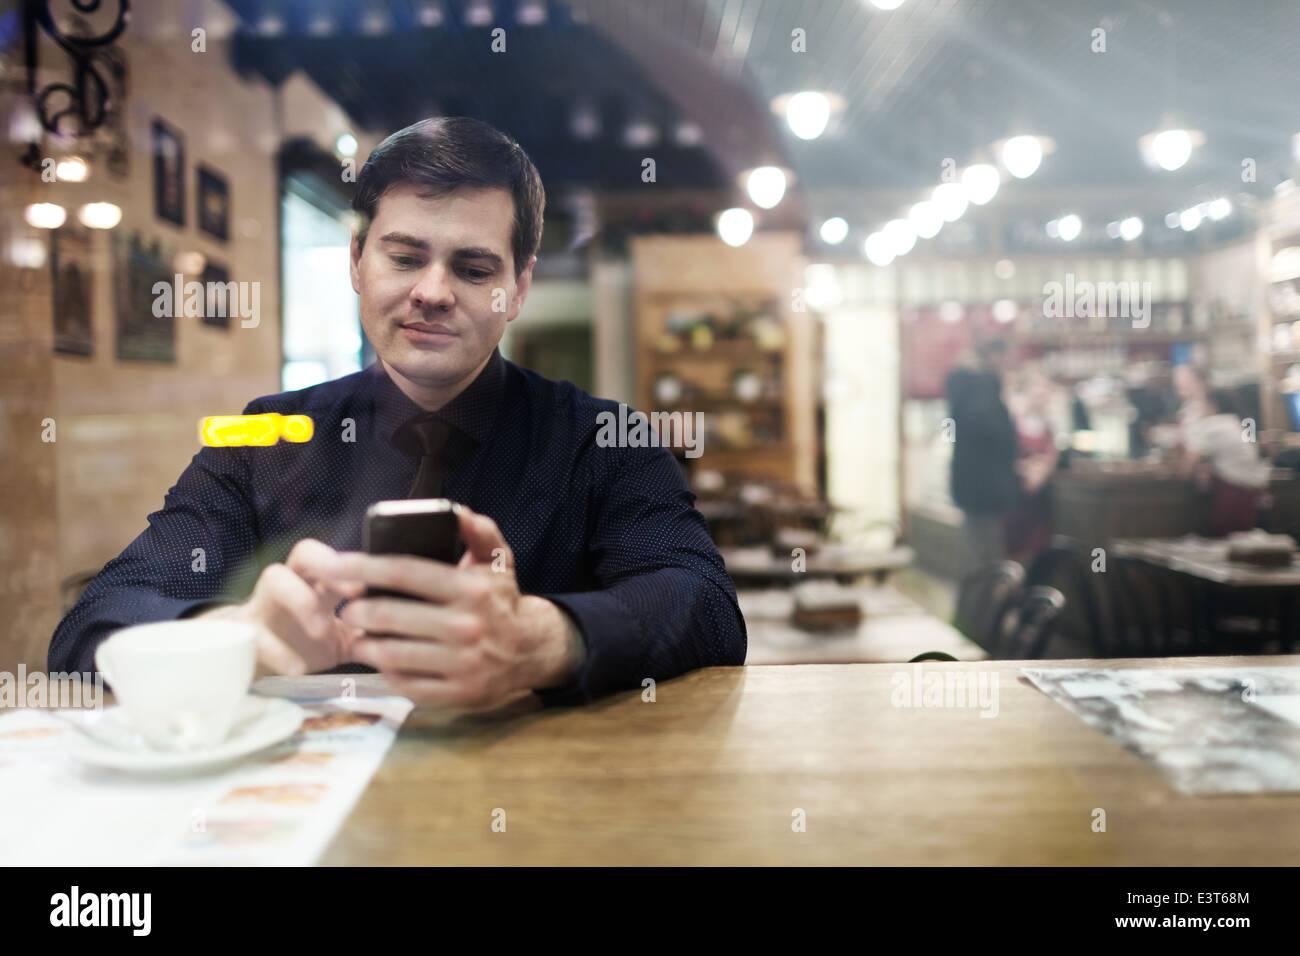 Caballero sentado en la mesa utilizando el teléfono Imagen De Stock